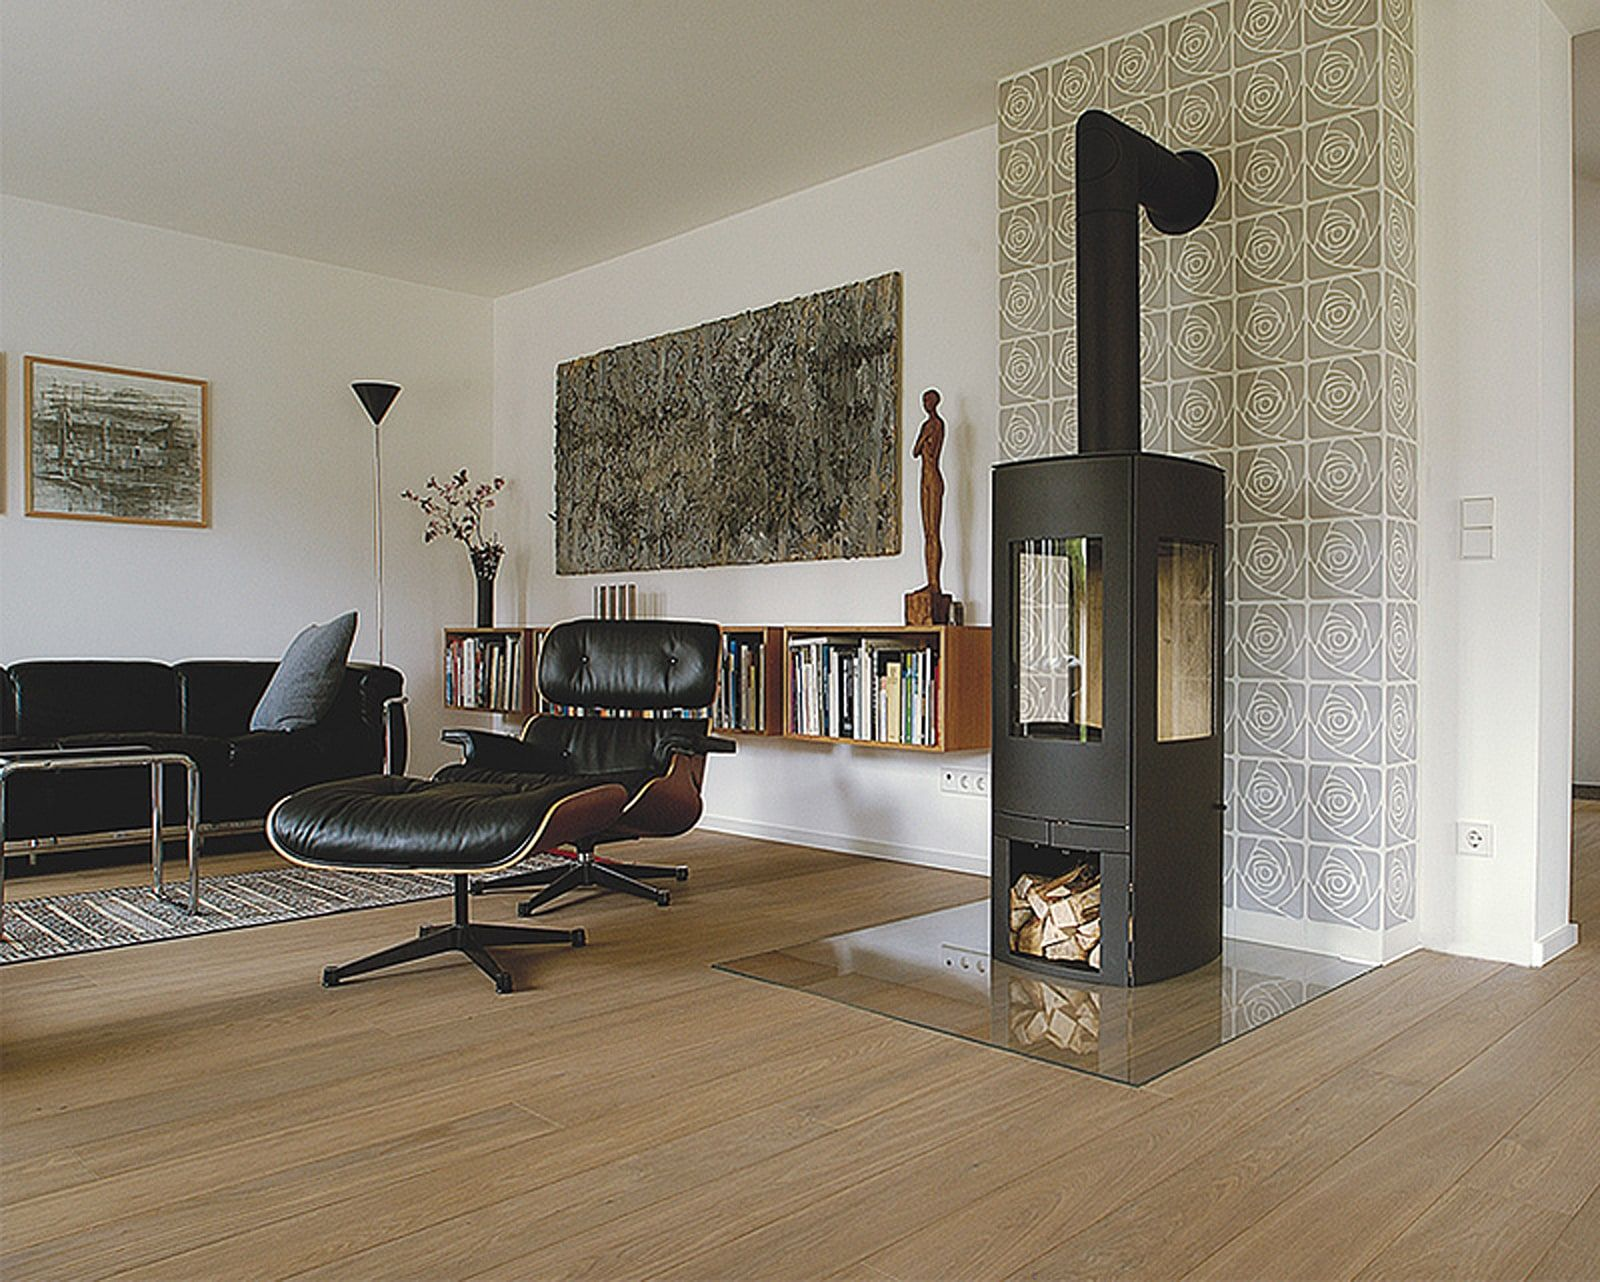 Bild aus dem VIA Bilderbuch: Wandfliesen im Zimmer mit Kamin und